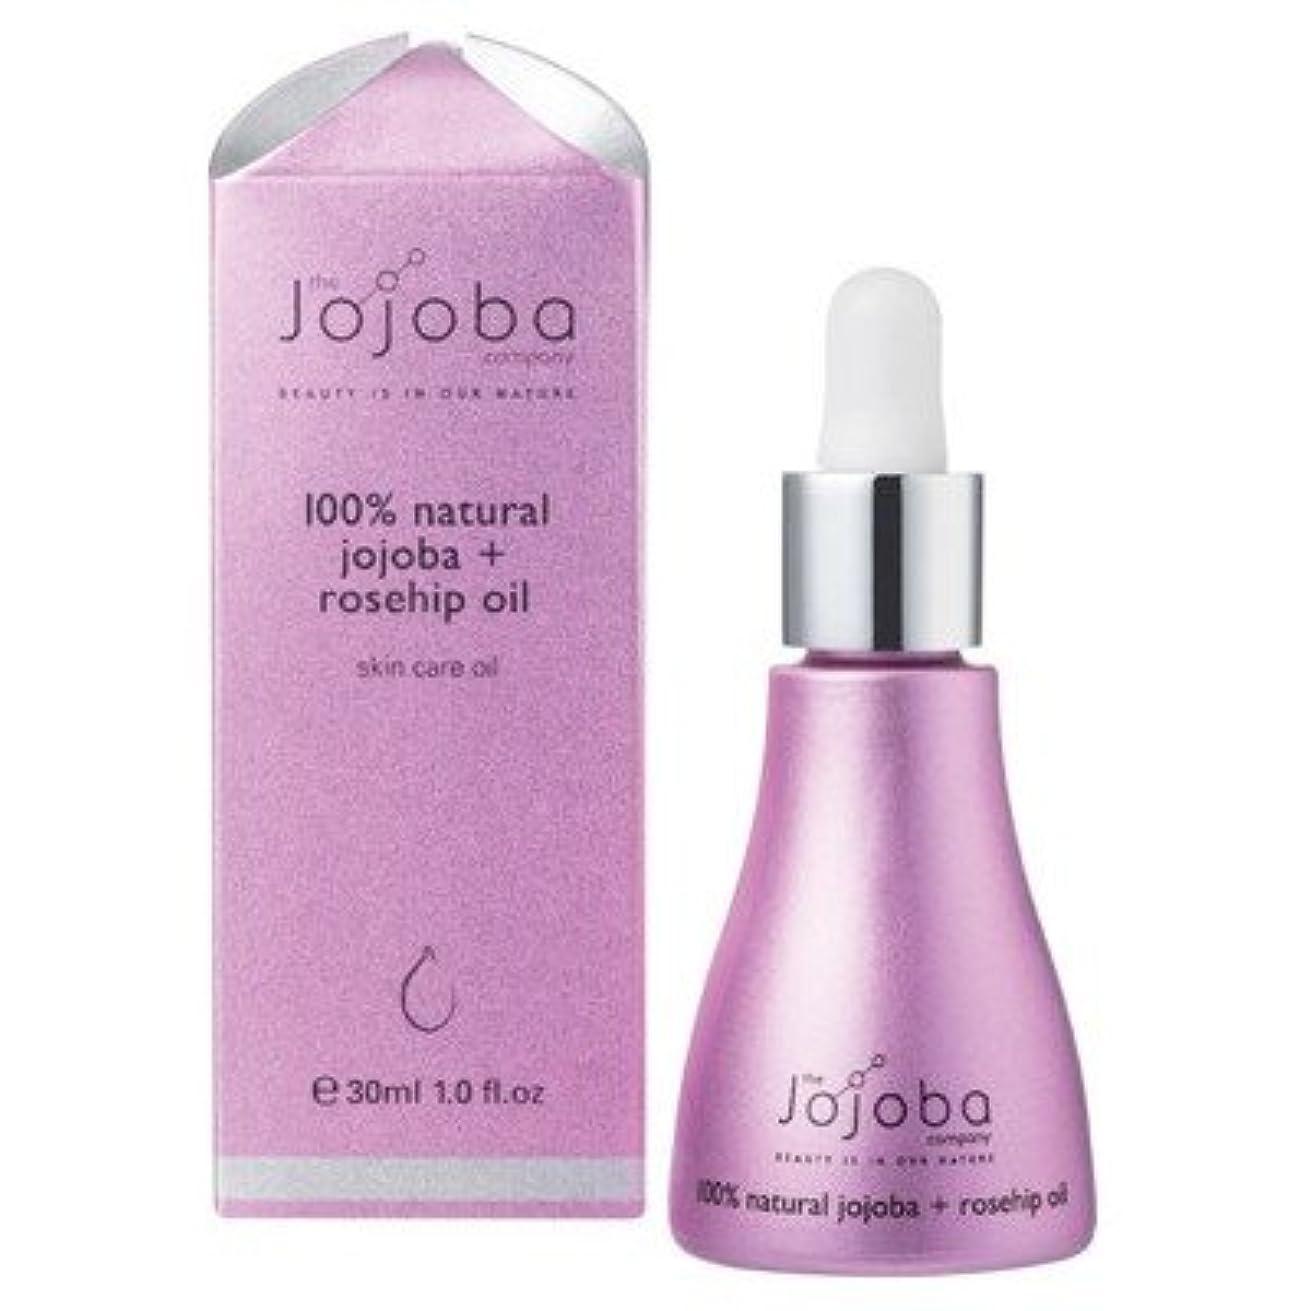 受け継ぐ国歌本質的ではないthe Jojoba Company 100% Natural Australian Jojoba Oil + Rosehip Oil ホホバ&ローズヒップブレンドオイル 30ml [海外直送品]